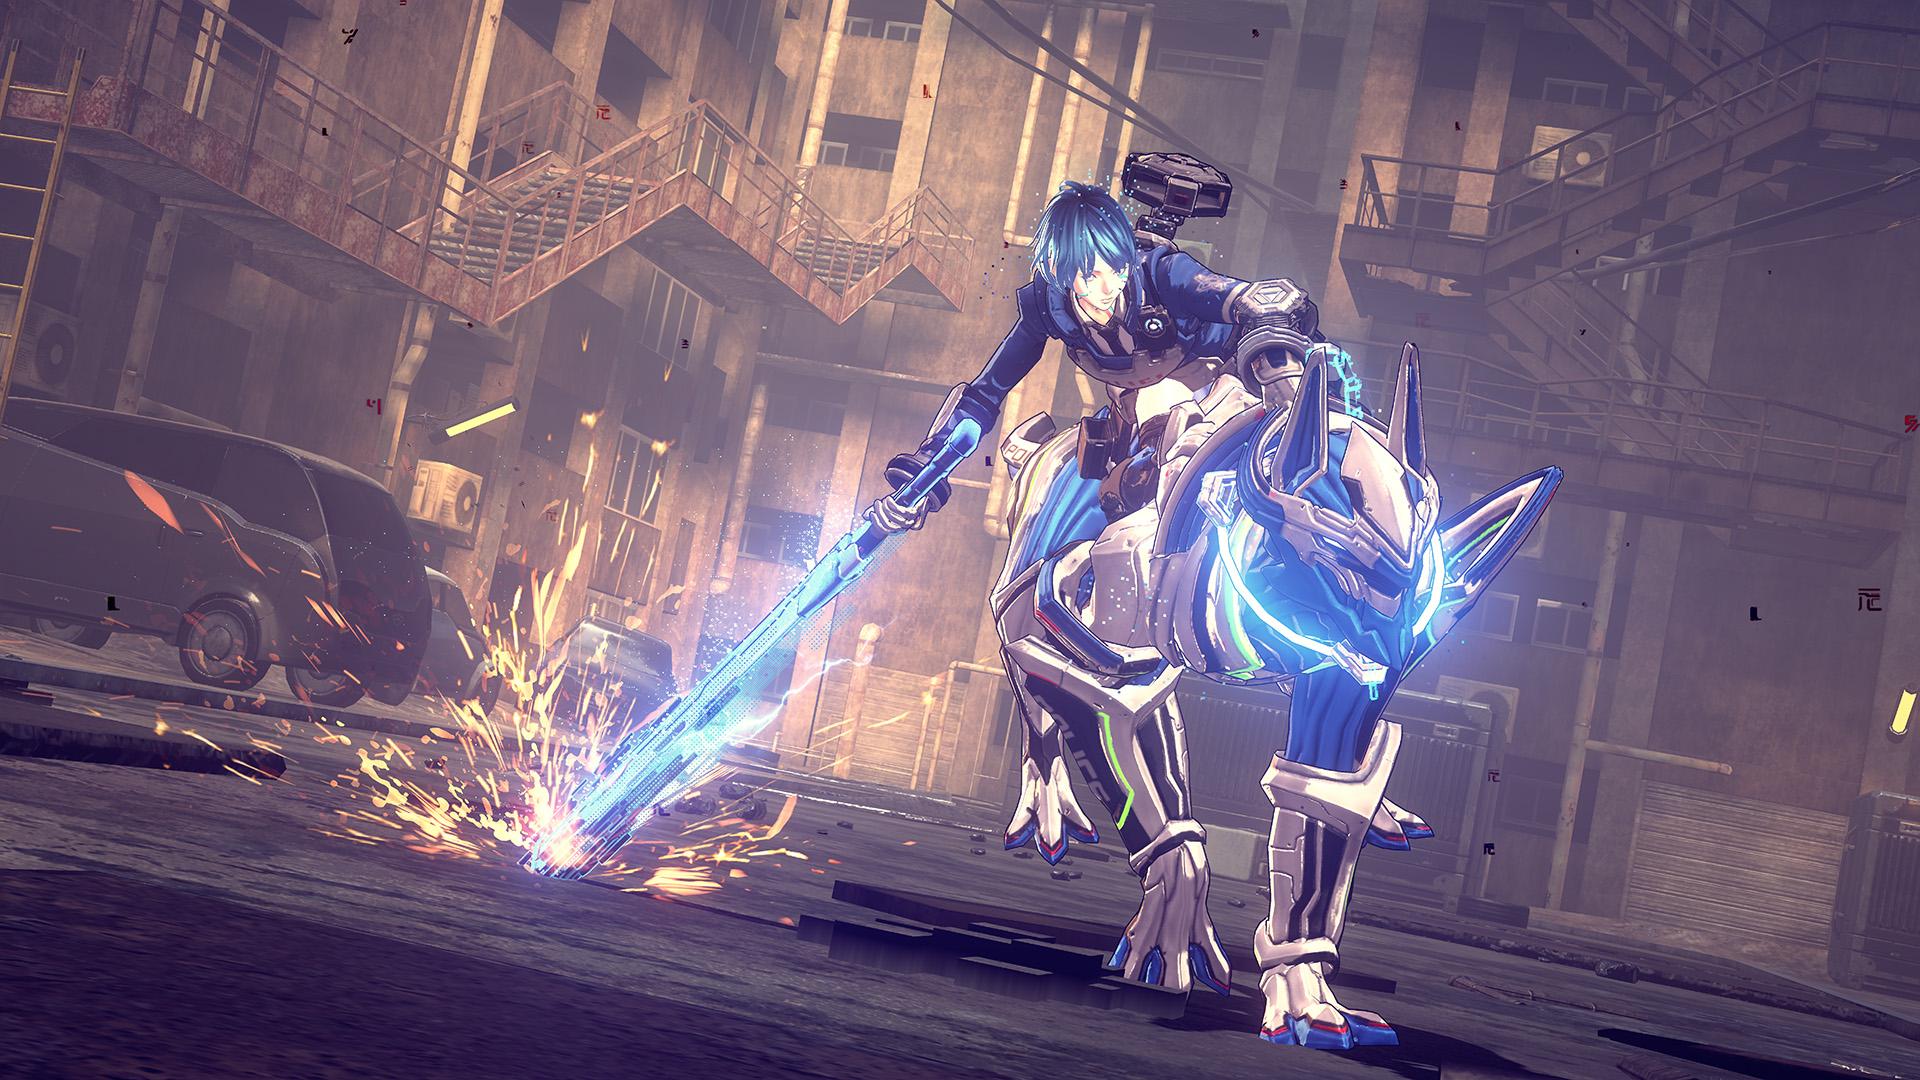 بازی Astral Chain ممکن است نسخهی اول یک سهگانه باشد